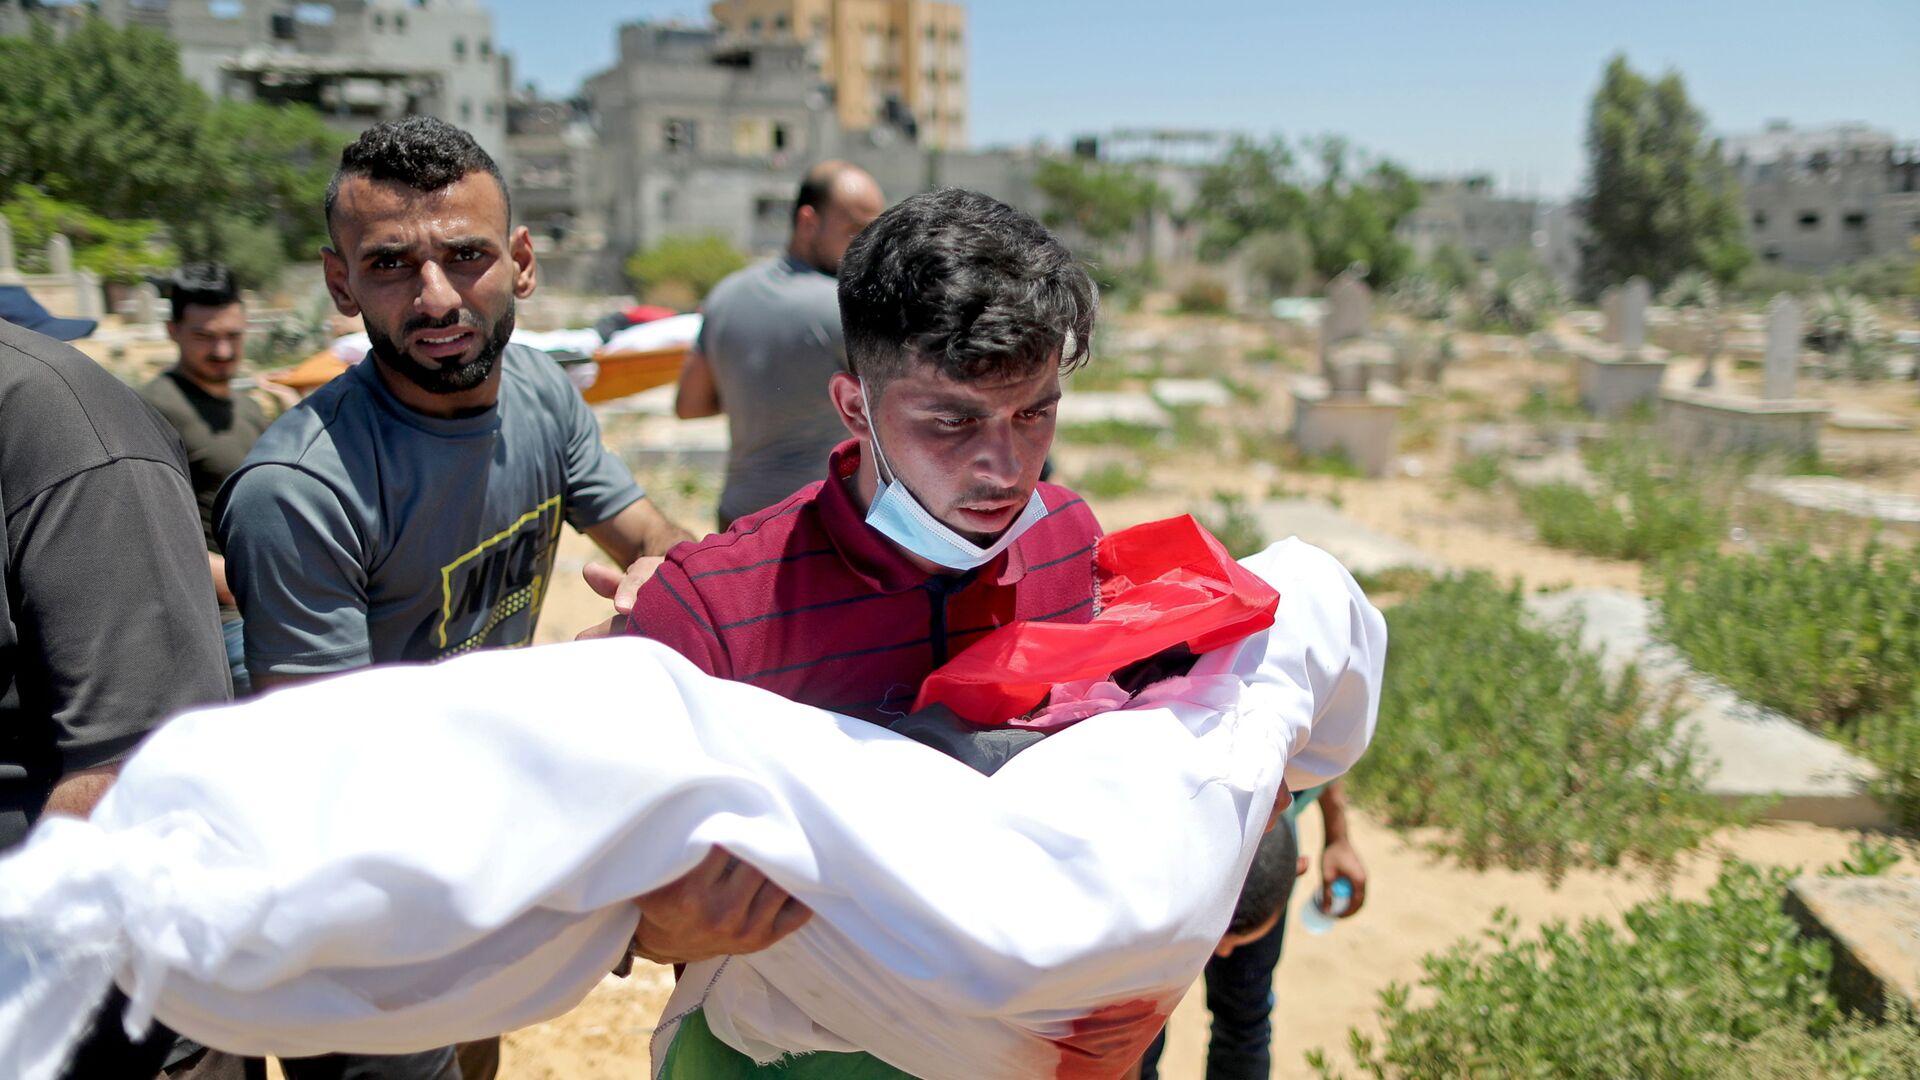 Un uomo porta il corpo di un bambino palestinese della famiglia Al-Hadidi, che è stato ucciso in un divampare di violenza israelo-palestinese - Sputnik Italia, 1920, 16.05.2021